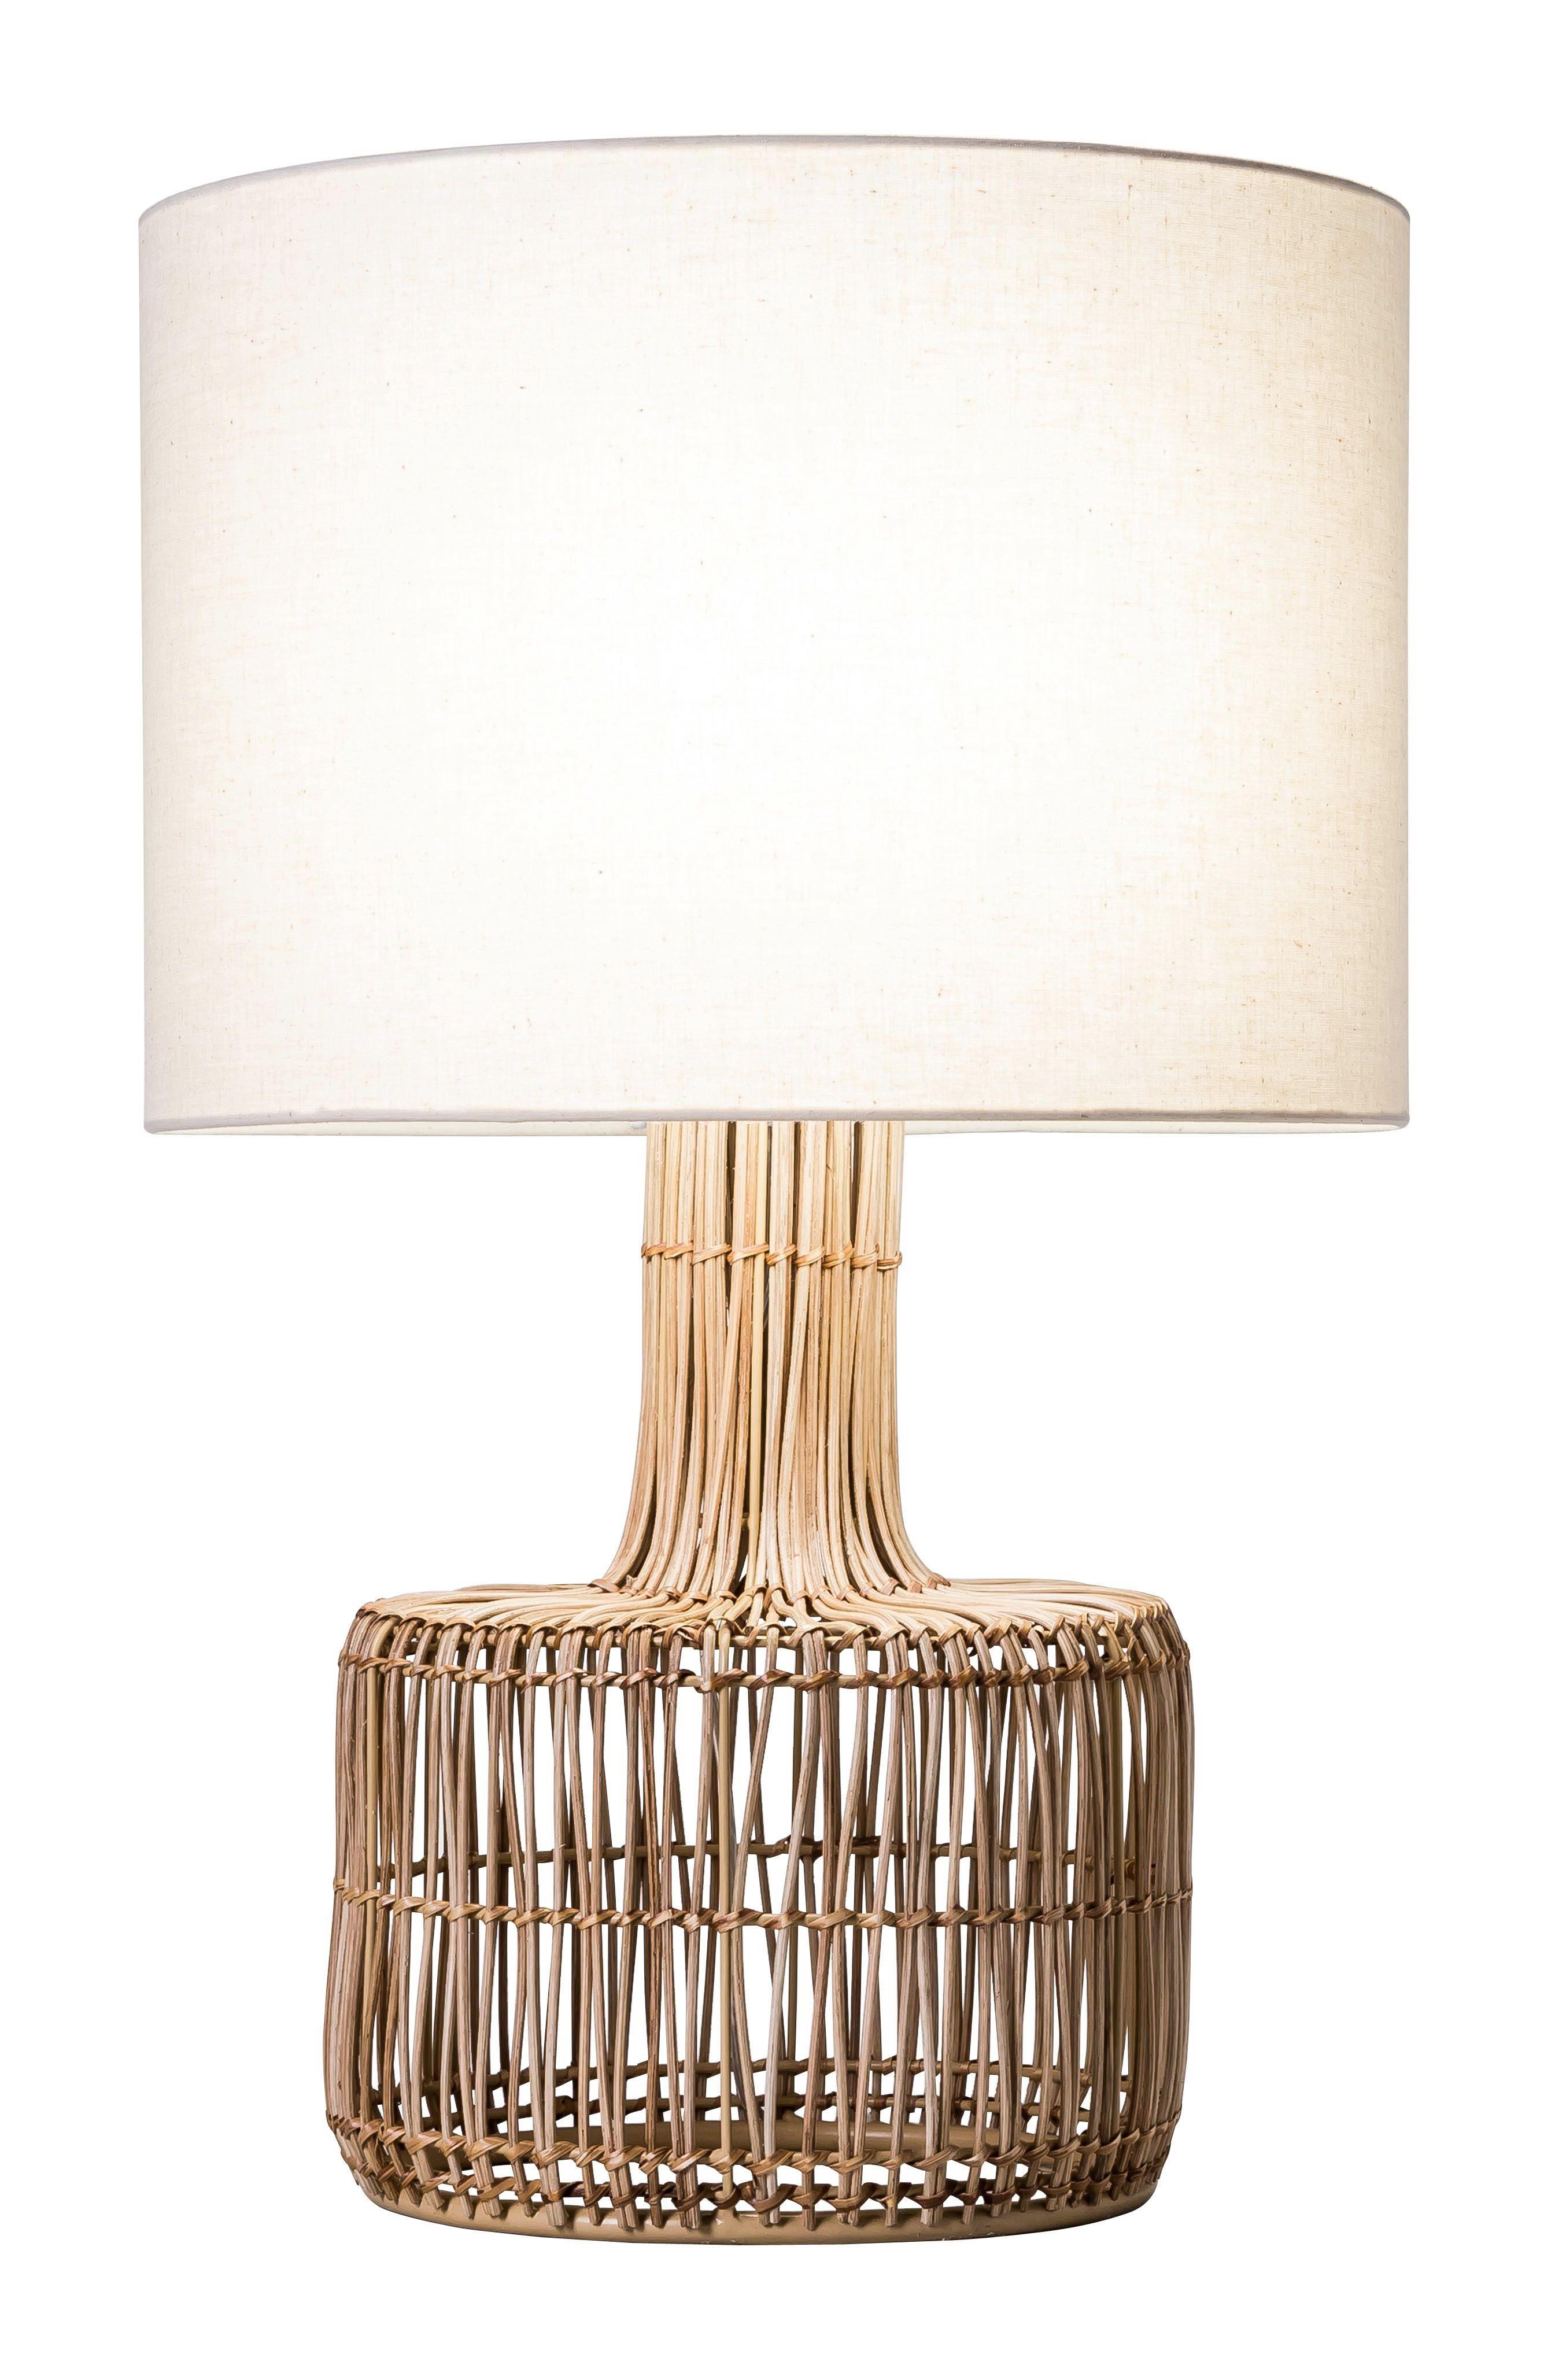 Tischleuchte Aus Holz Ideal Fur Den Nachttisch Tischleuchte Tisch Leuchtmittel